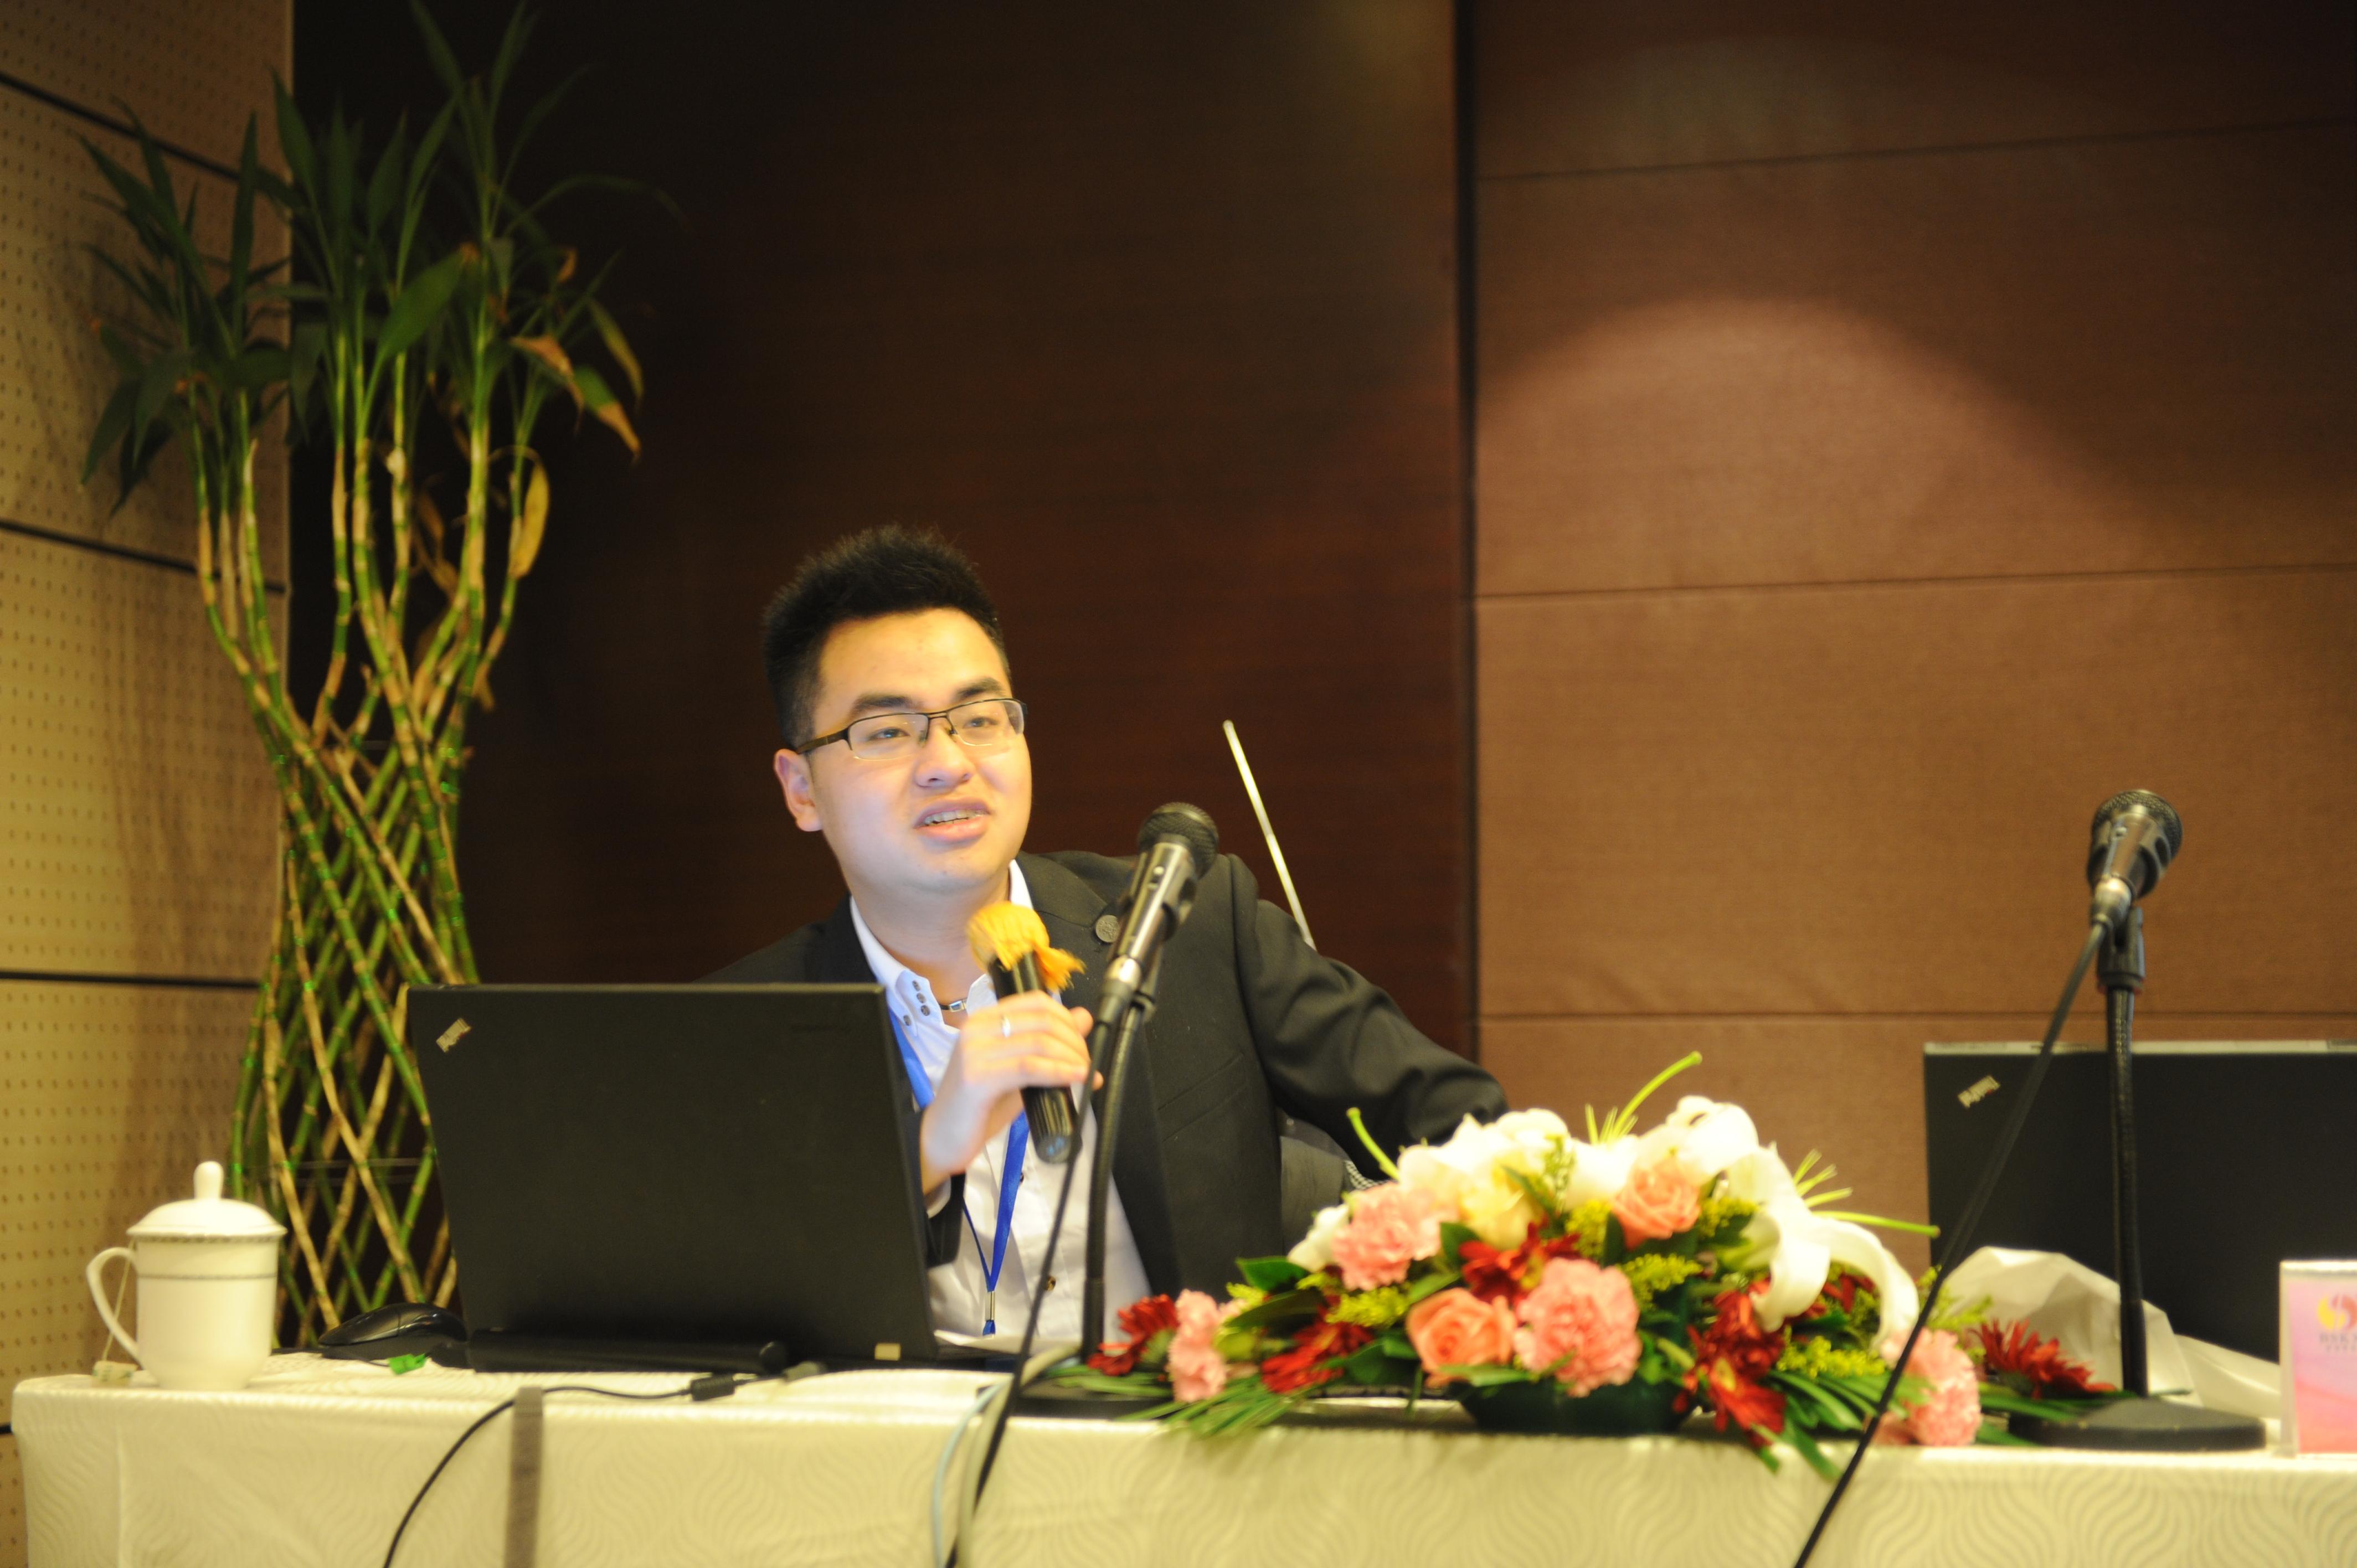 高级金融分析师郭凯